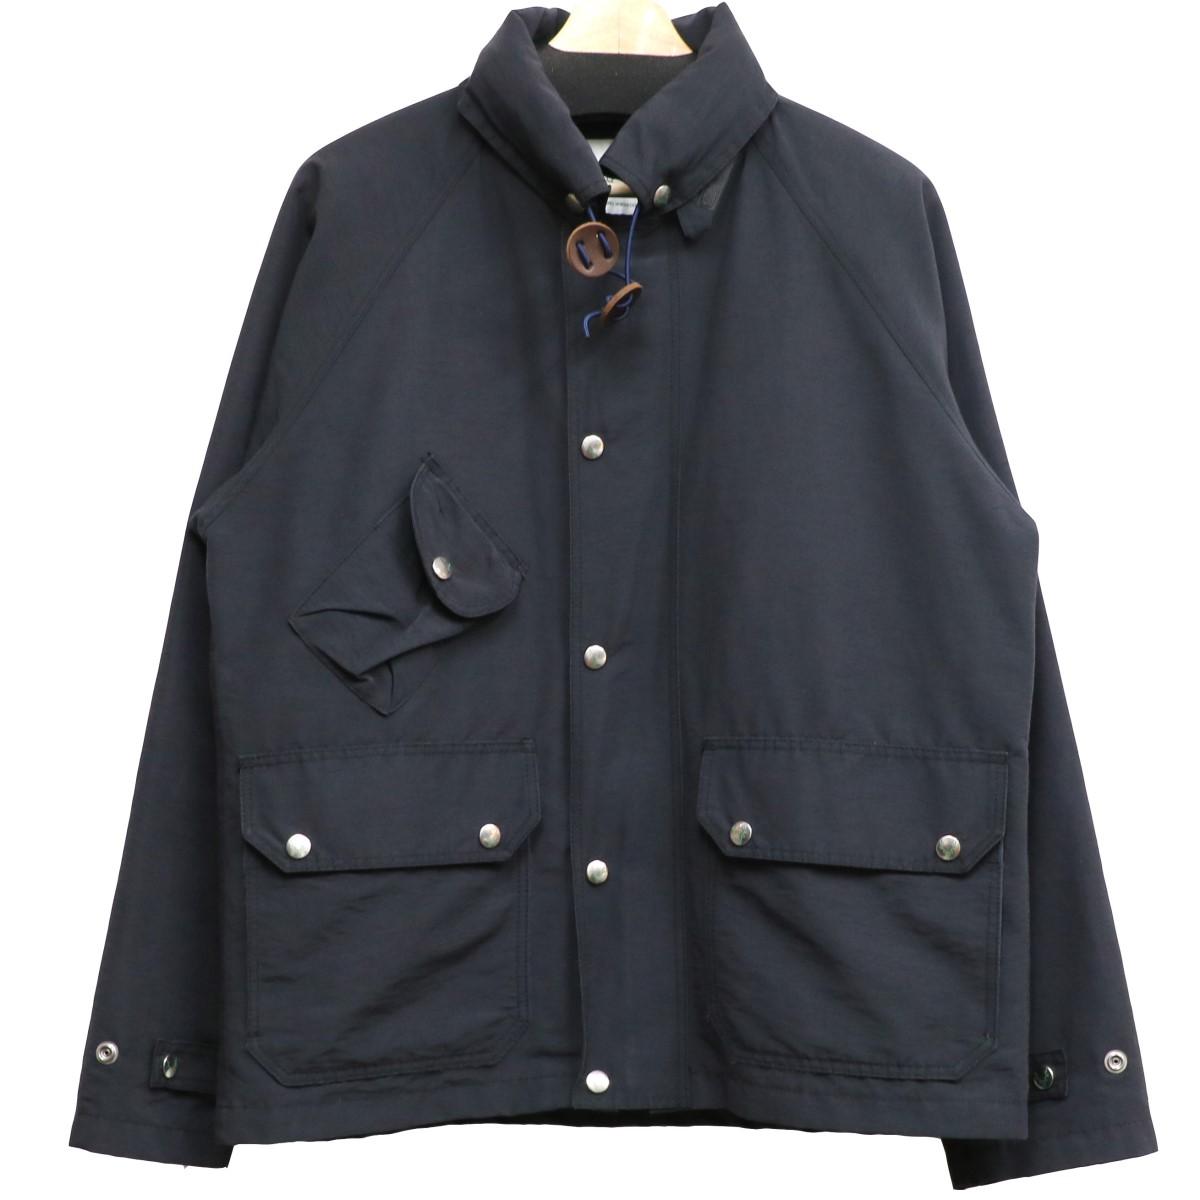 豪華で新しい 【】South2 West8 S2W8 Carmel Jacket60/40カーメルジャケット ネイビー サイズ:S 【120720】(サウスツーウエストエイト), パソコンPOSセンター 4bcacb23